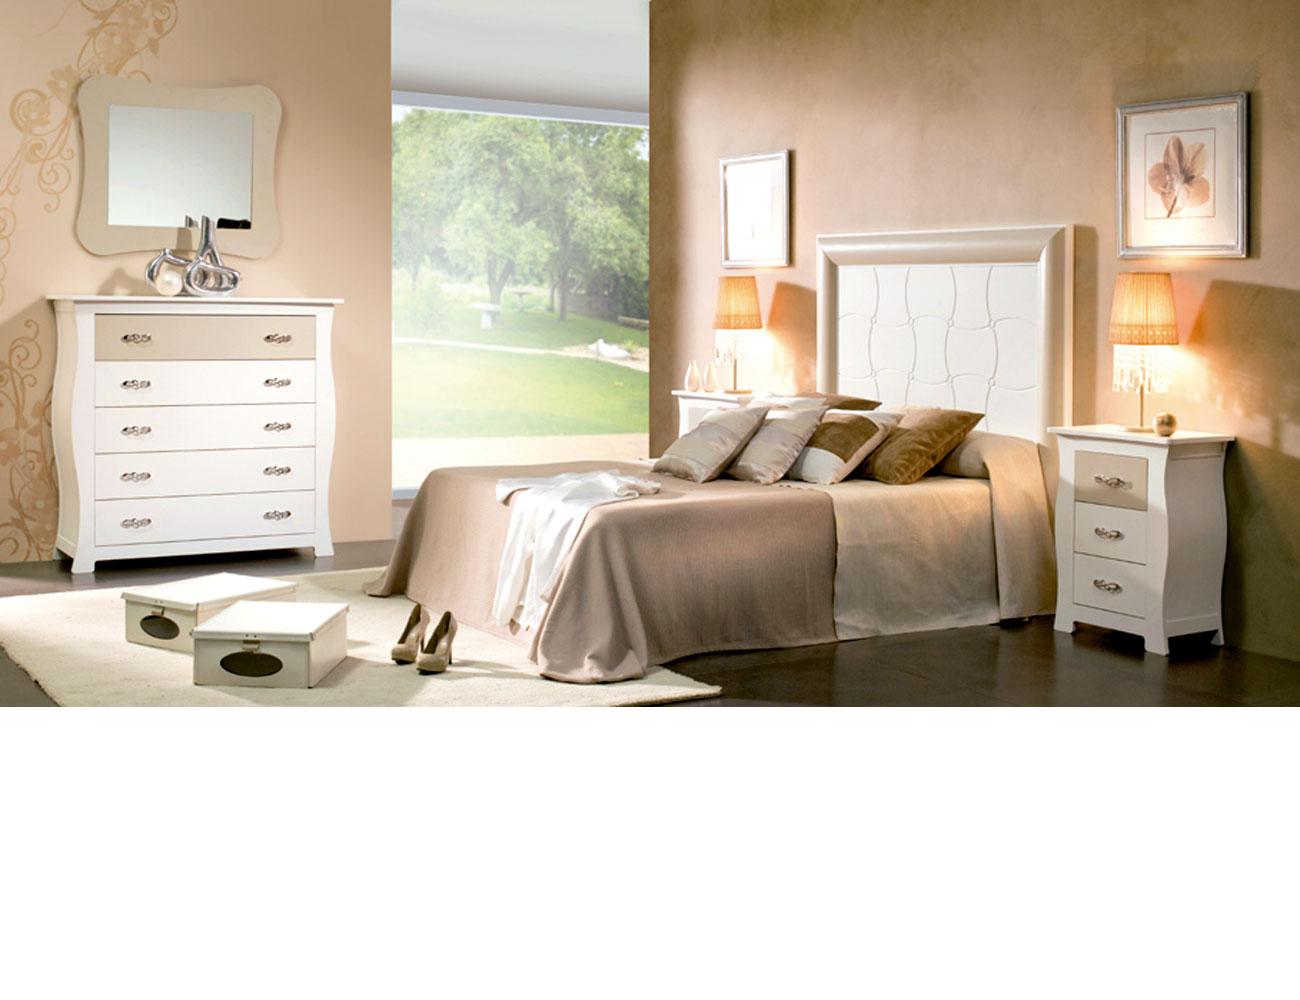 Dormitorio matrimonio cabecero grabado capitone comoda color 504 506